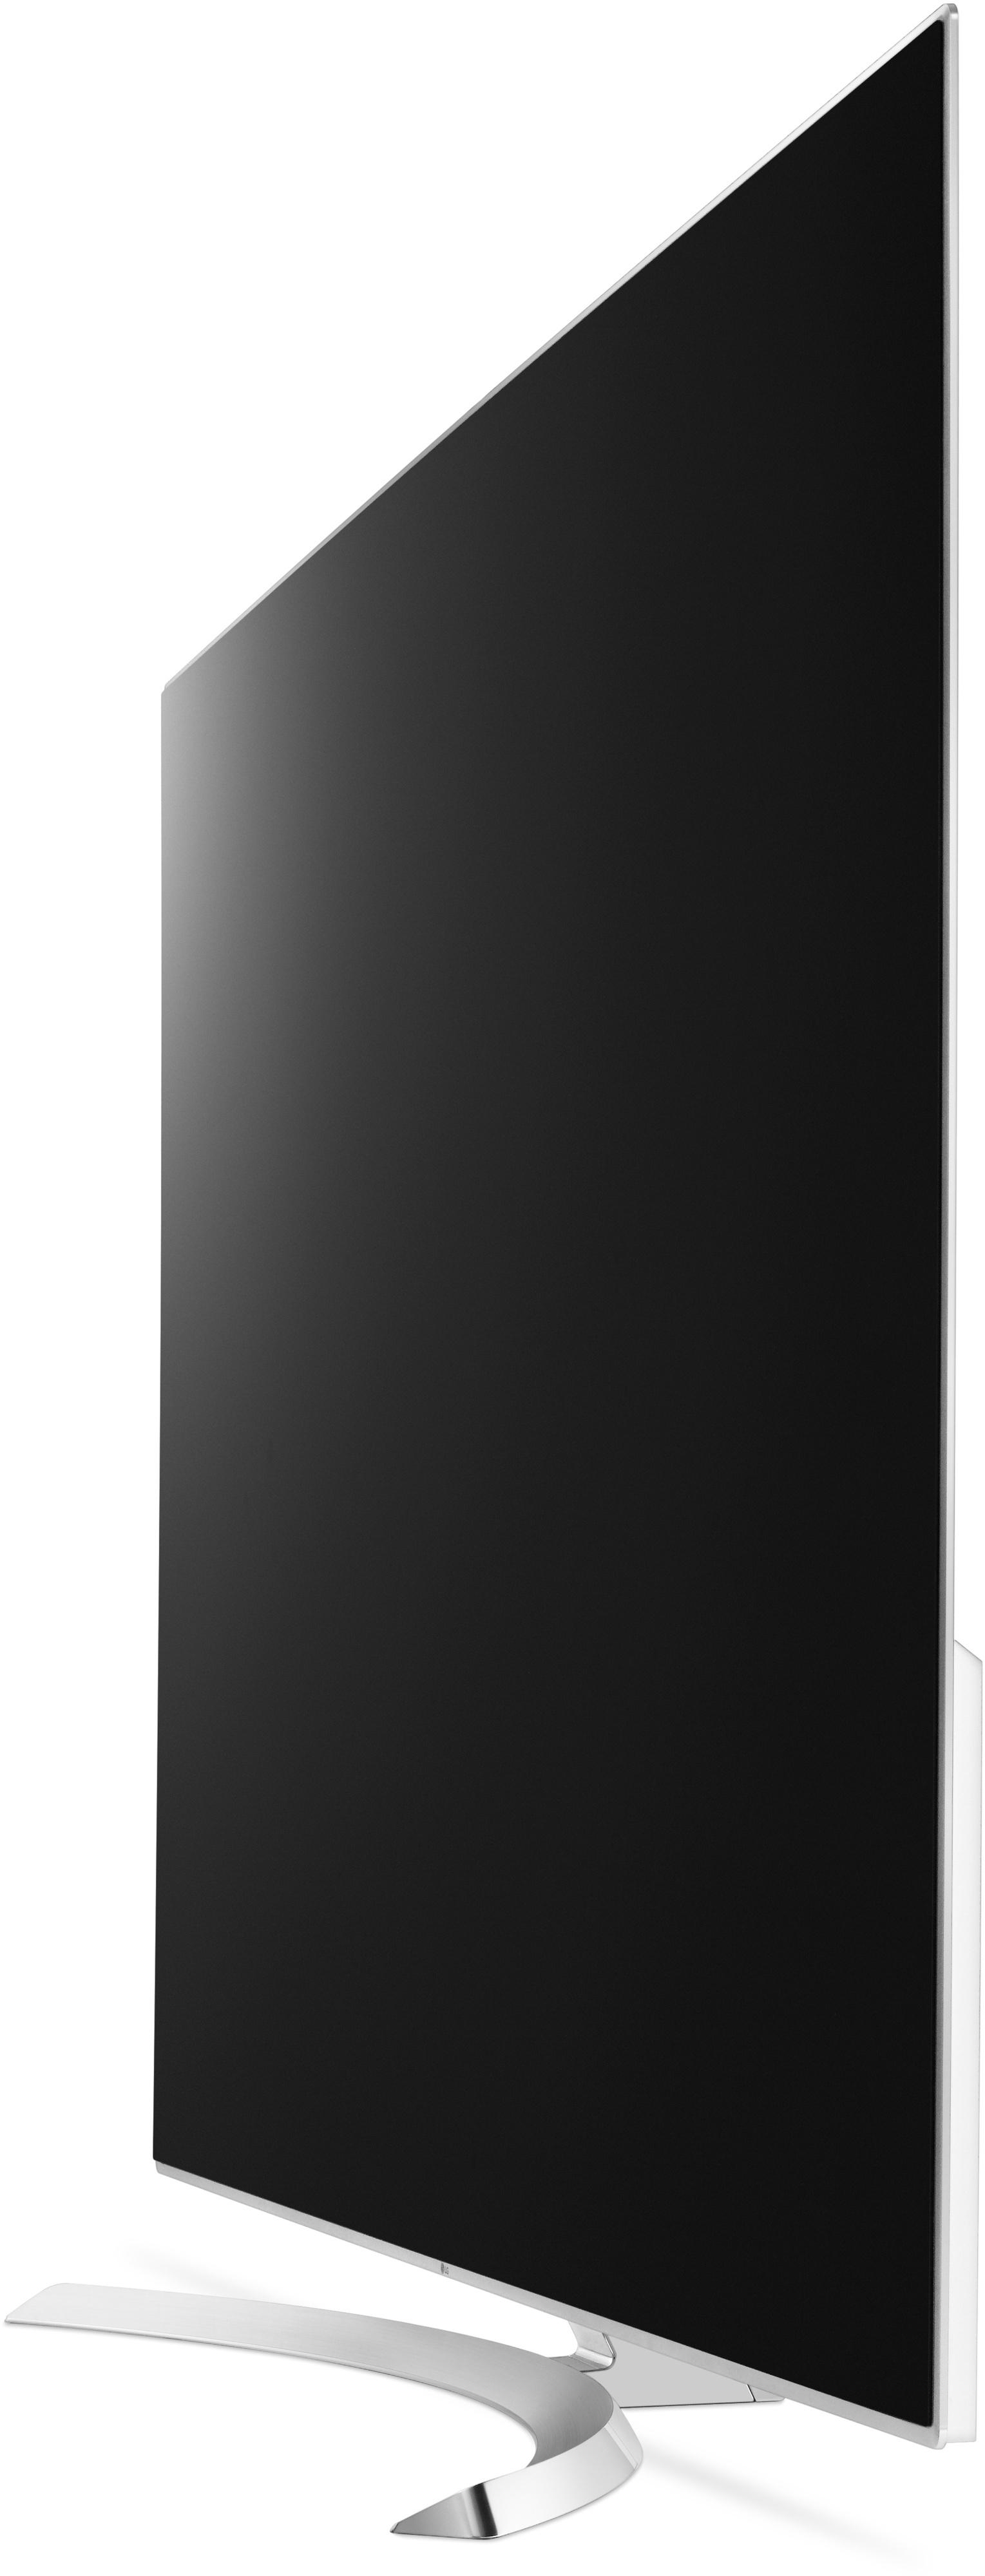 lg 55uh950v 55 smart 4k ultra hd 3d led televisio 3d 55. Black Bedroom Furniture Sets. Home Design Ideas